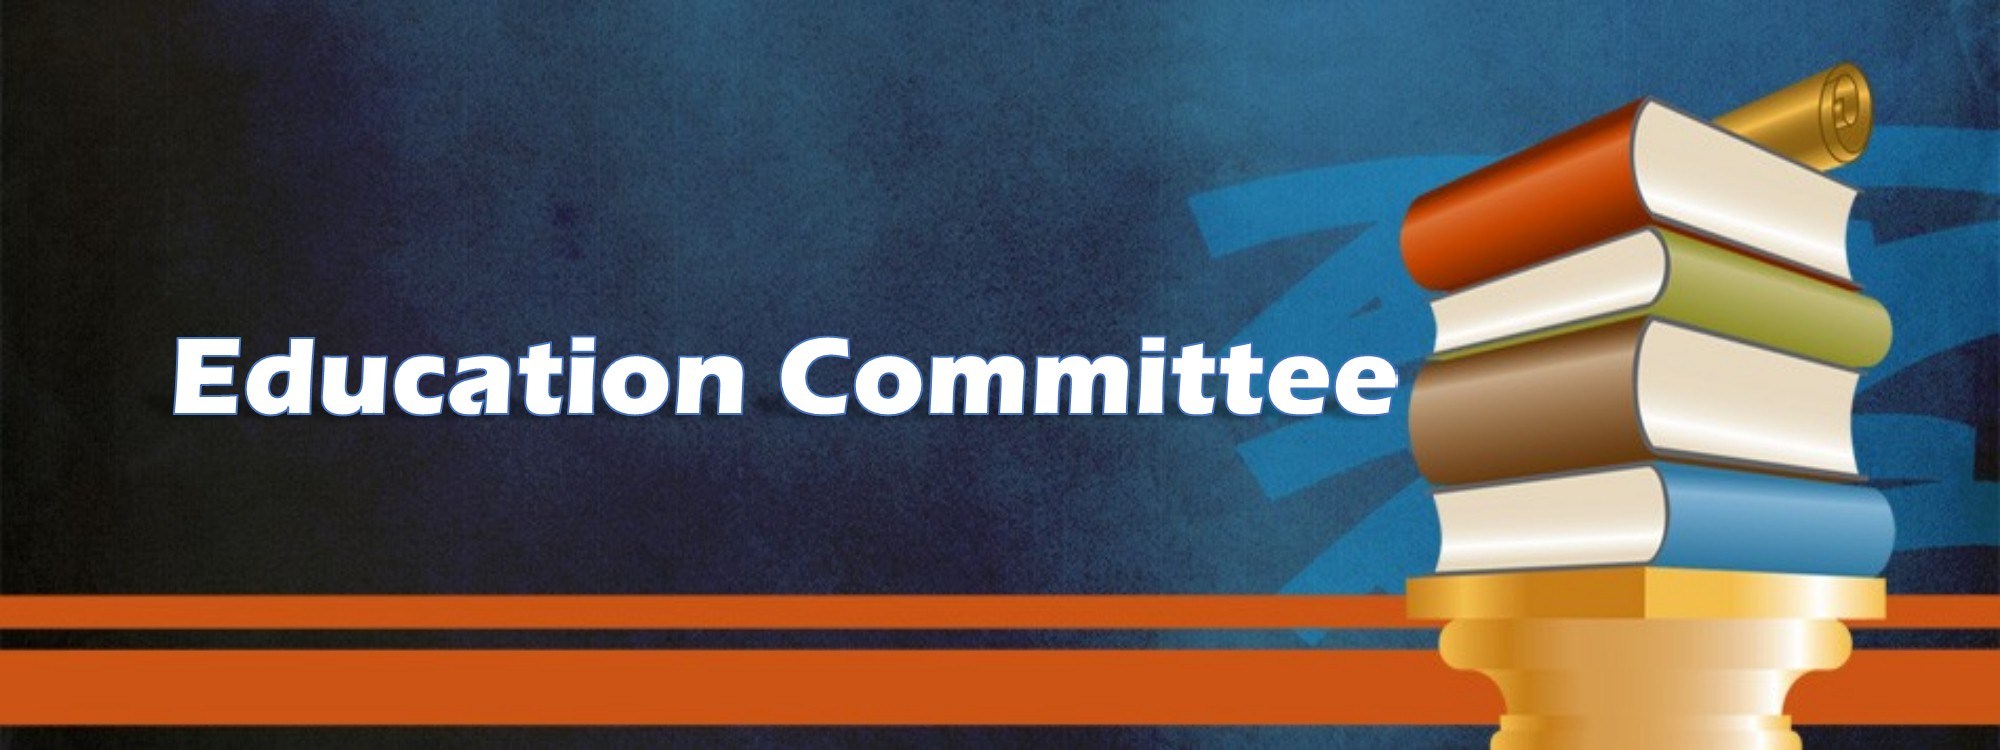 LOGO - Education Committee.jpg